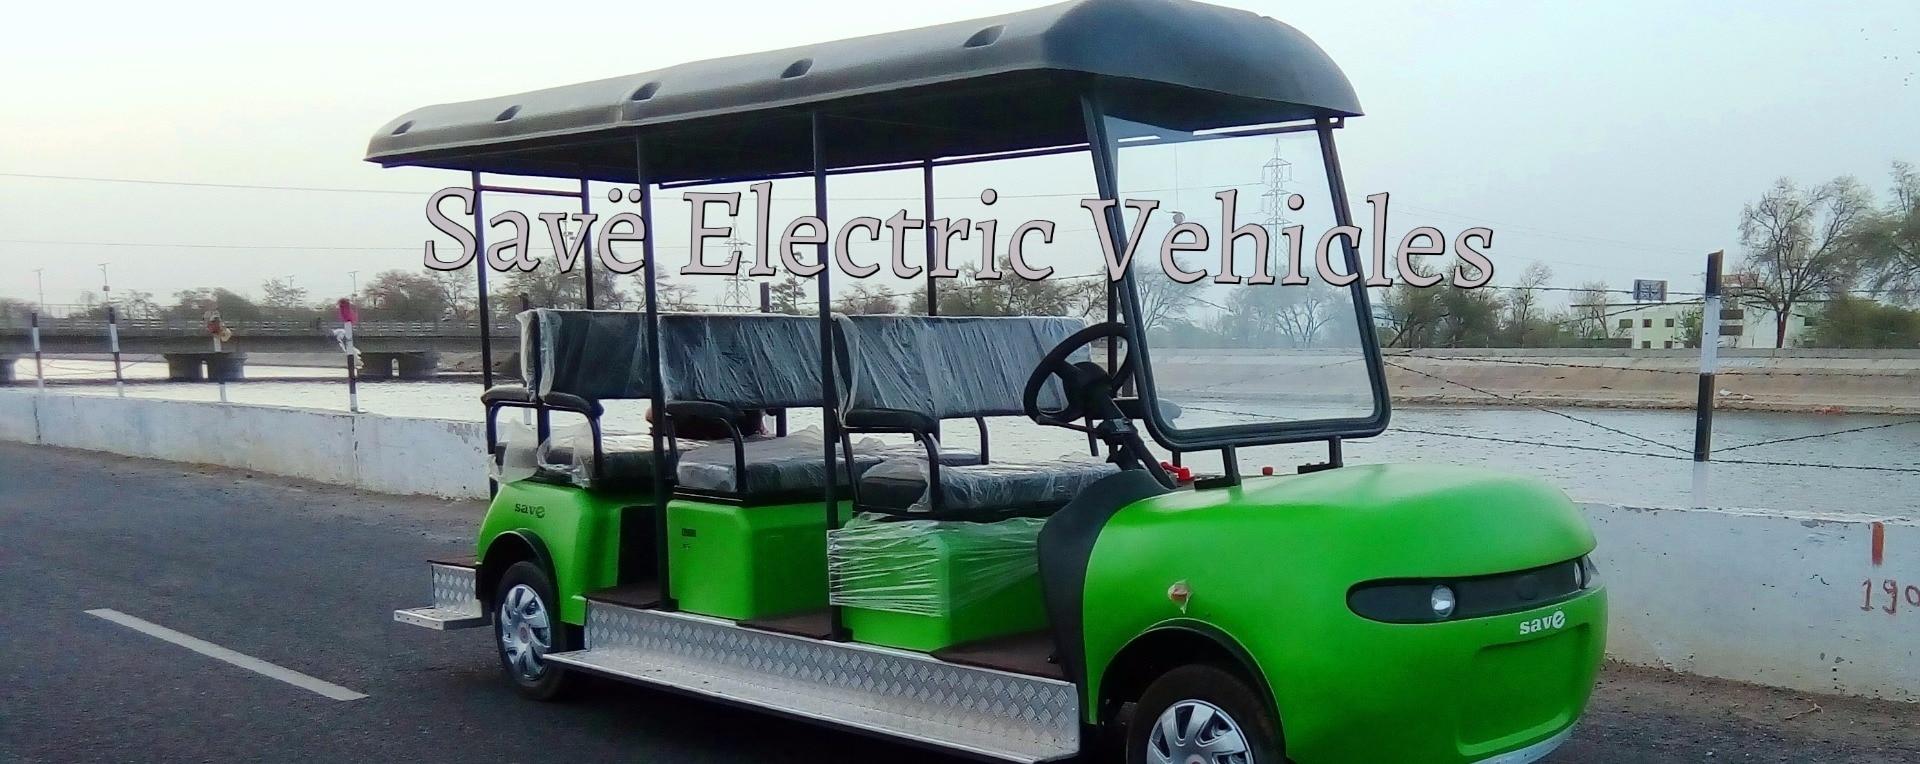 Savë Electric Vehicles